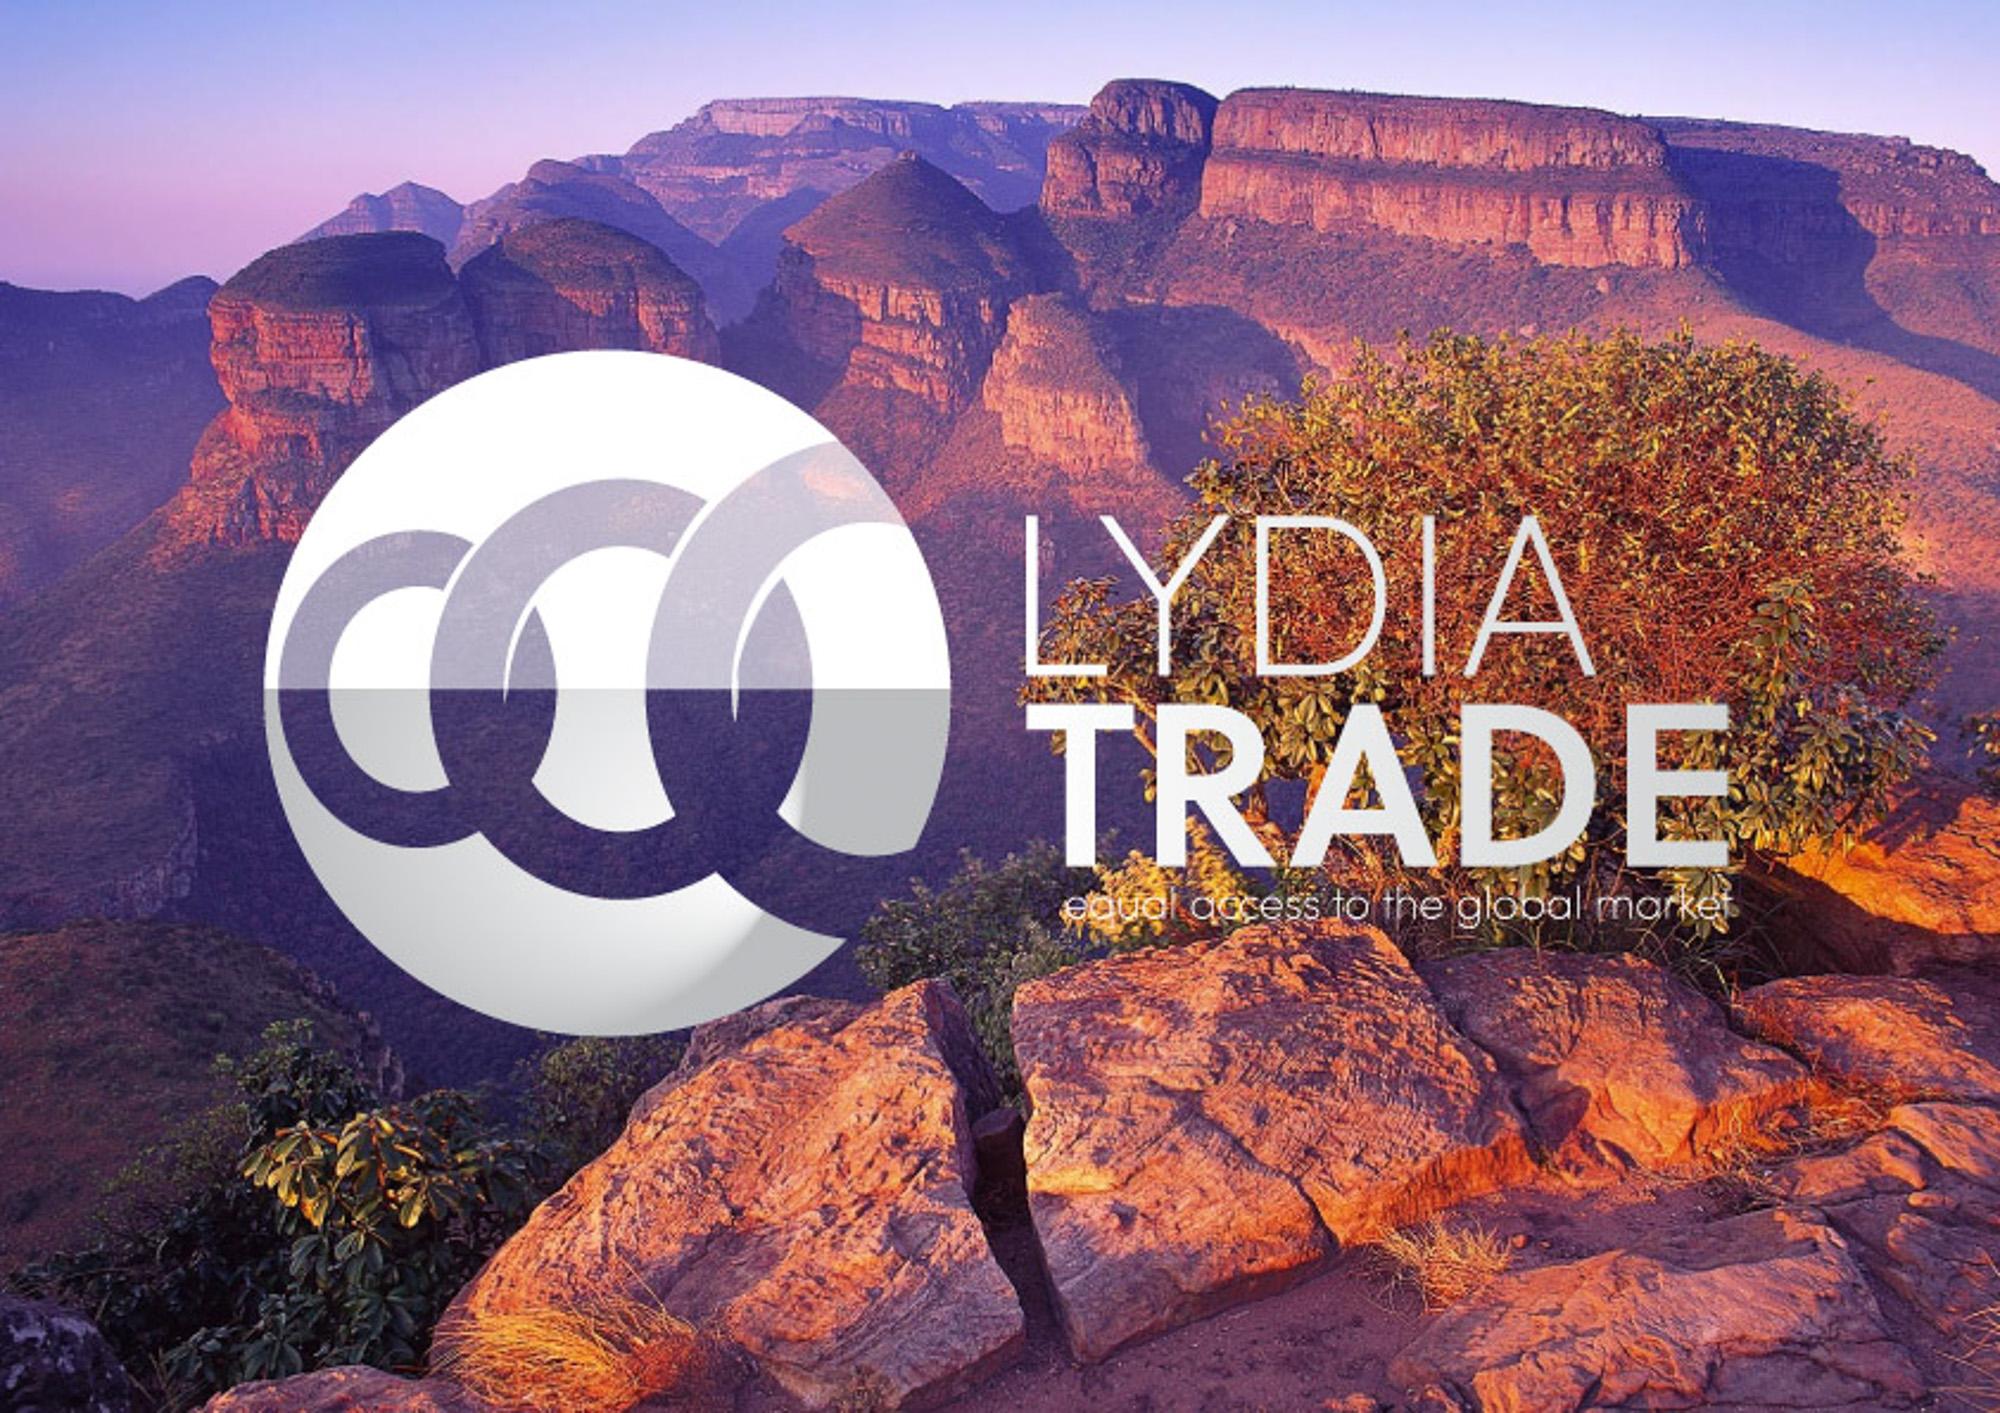 Het logo van Lydia Trade in wit met op de achtergrond een gebergte